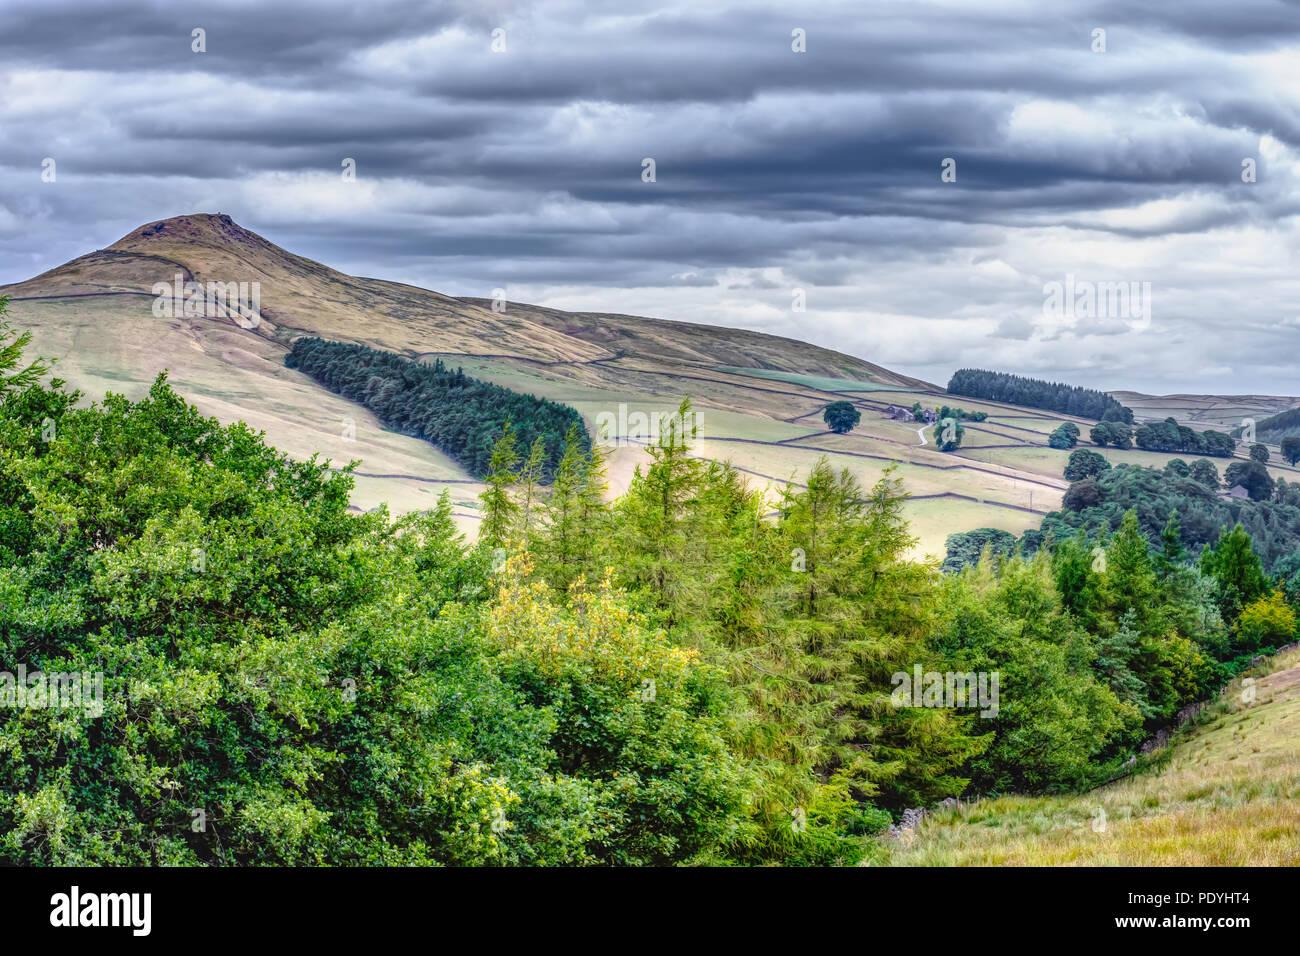 Paysage idyllique du parc national de Peak District, Derbyshire, Uk.vue panoramique sur la vallée de montagne avec des arbres en premier plan et le sommet en arrière-plan. Photo Stock